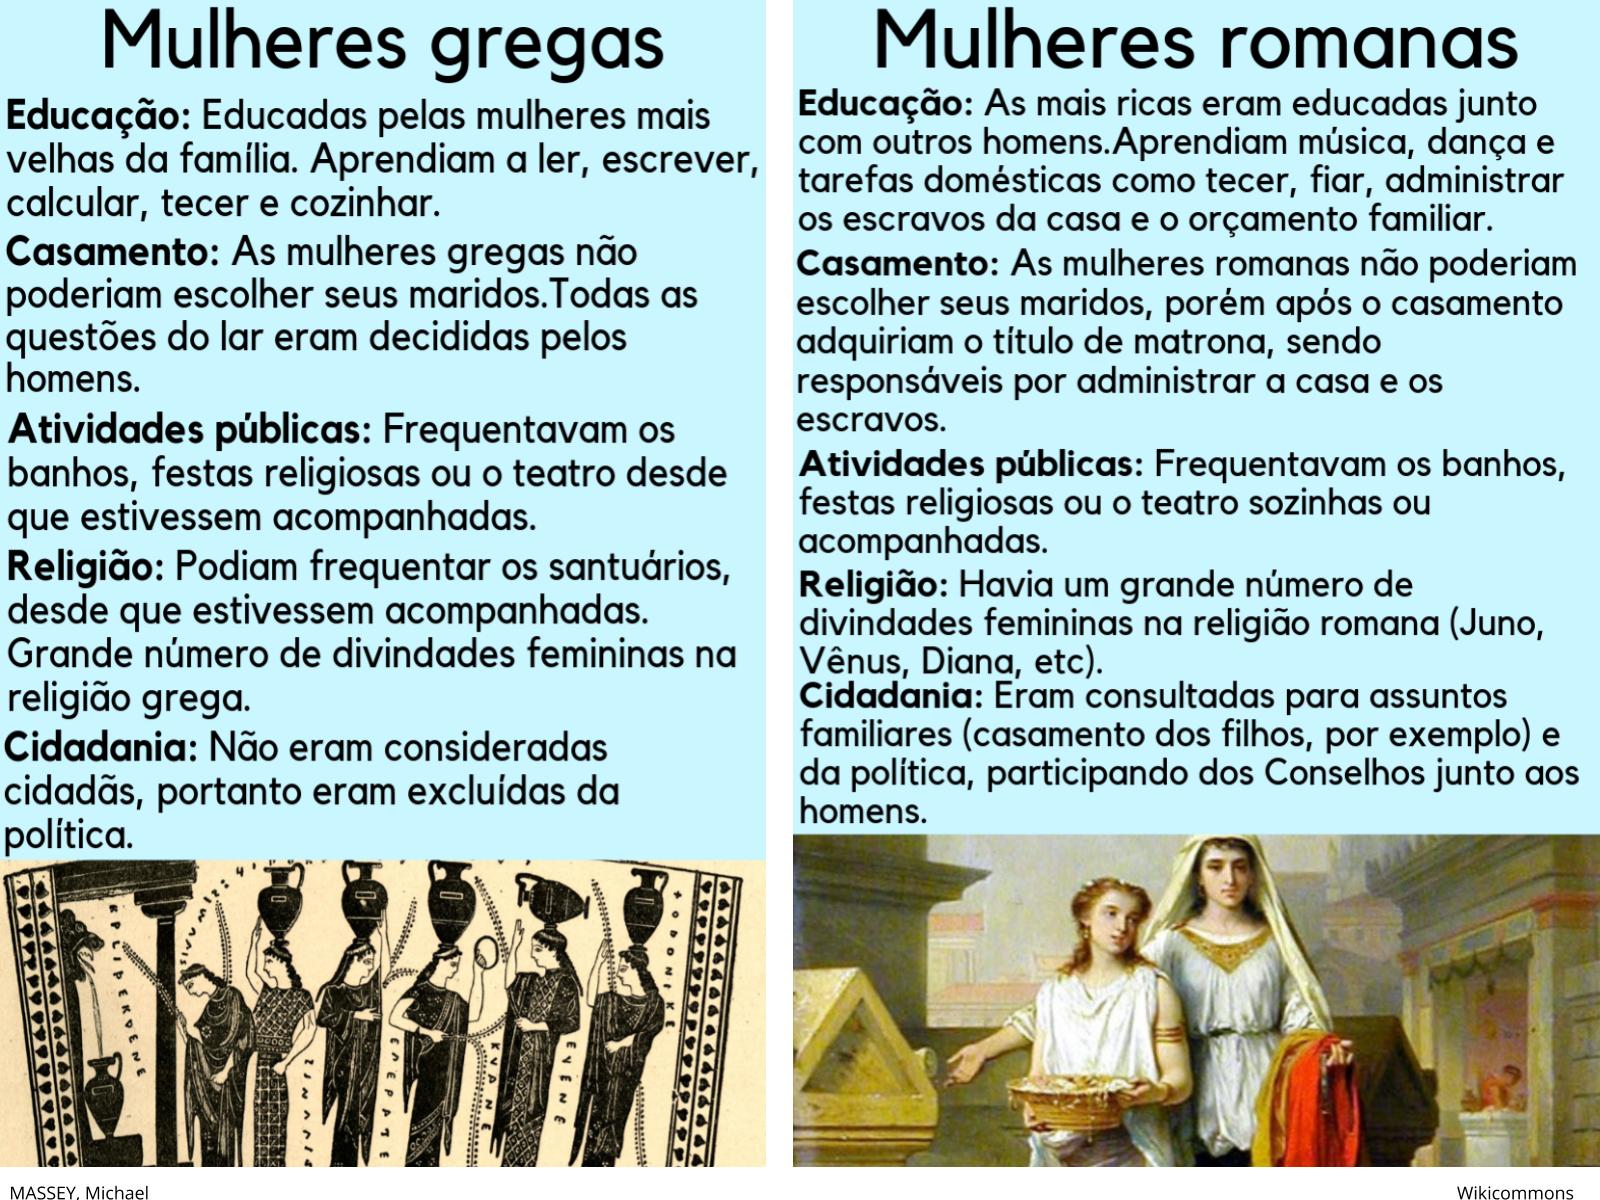 As mulheres romanas